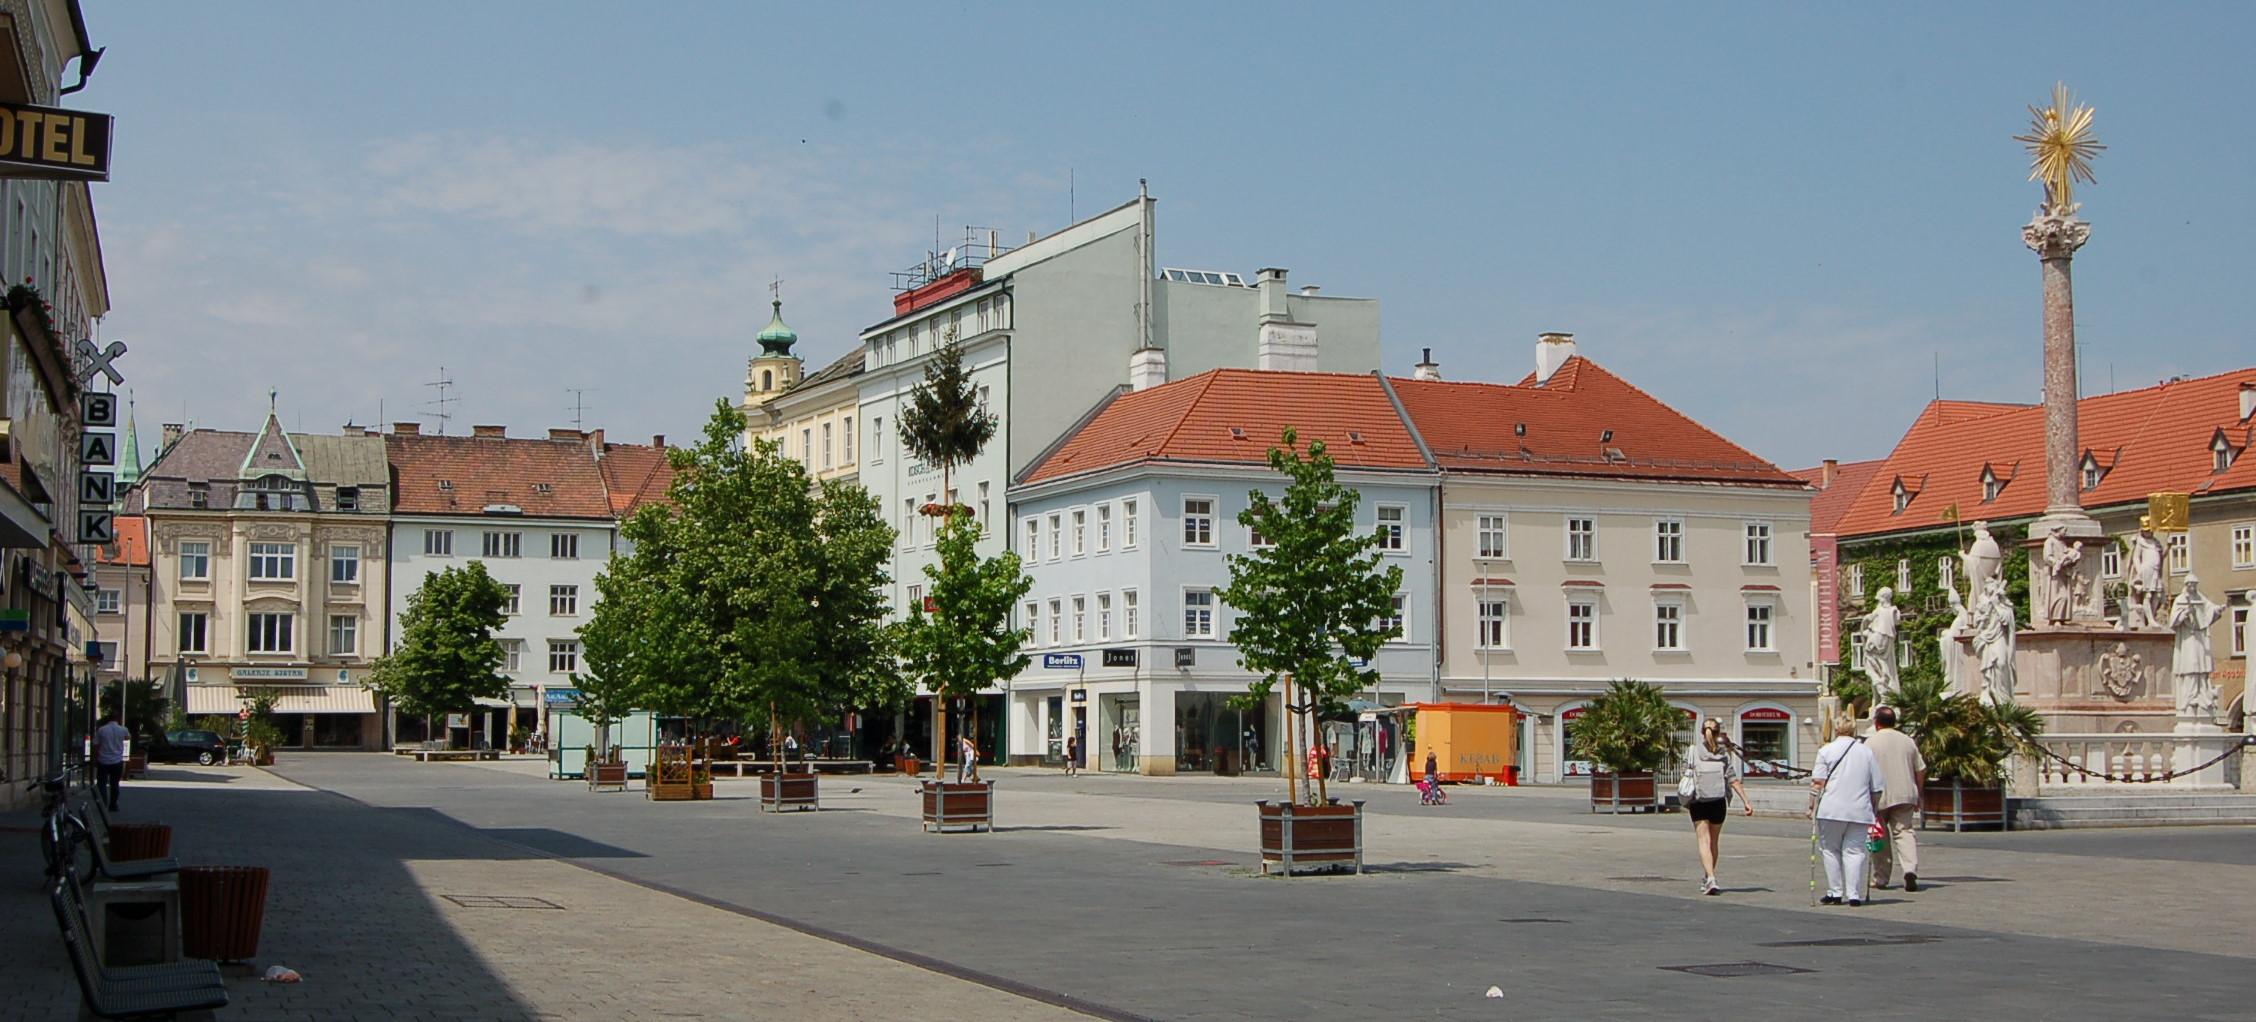 """Projekt """"Naschmarkt"""" am Hauptplatz Wiener Neustadt  regio"""